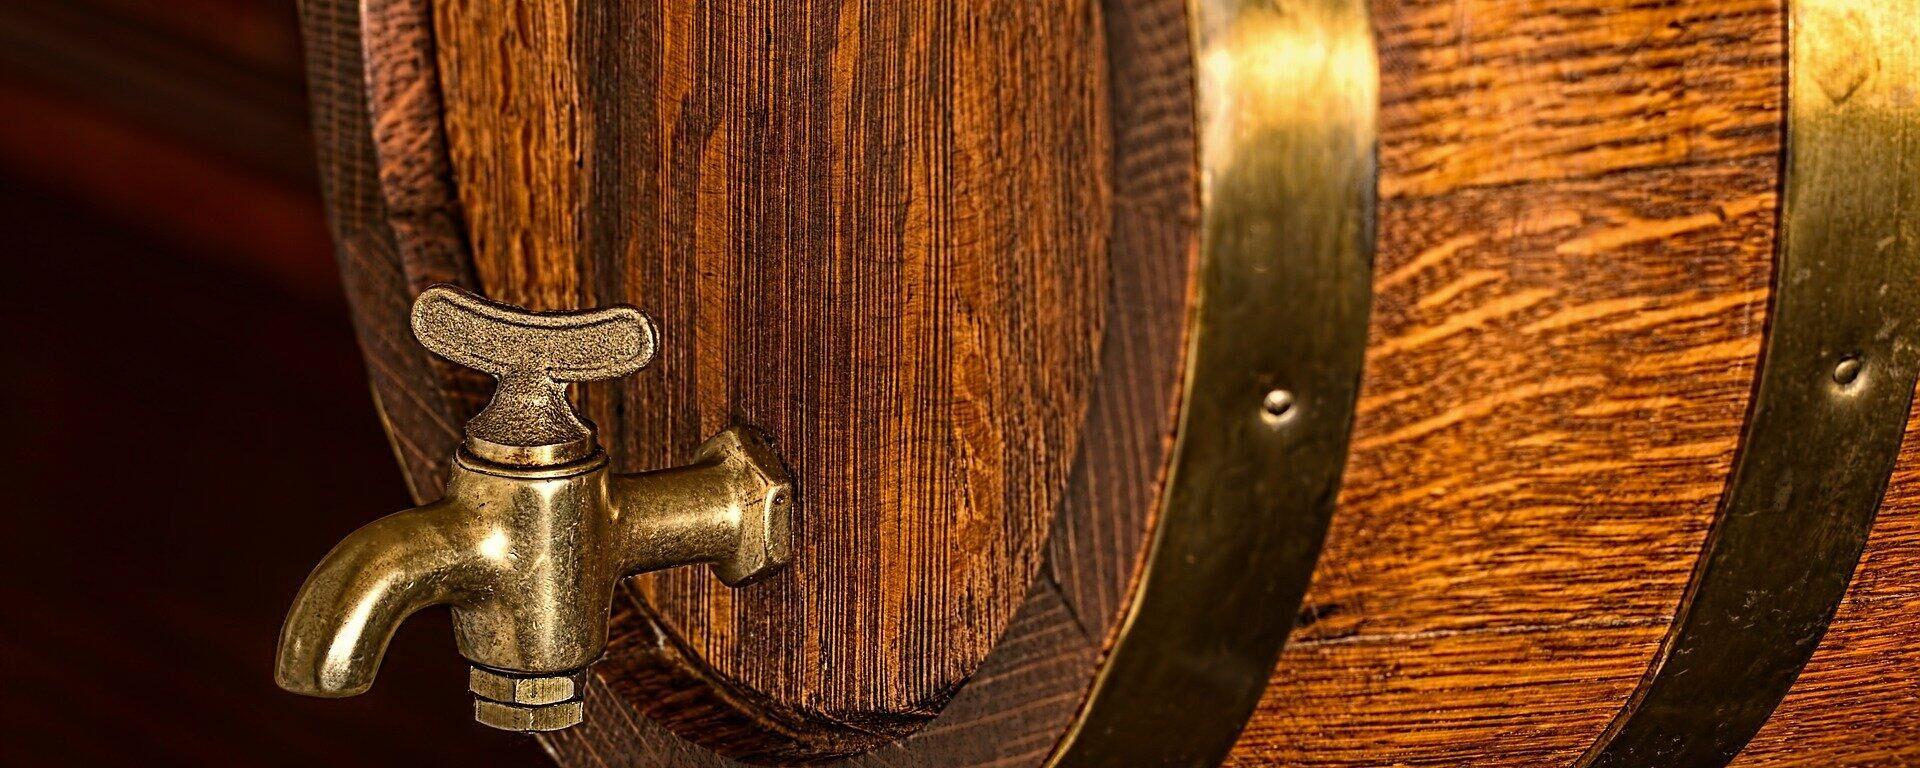 Bier (Symbolbild) - SNA, 1920, 29.06.2021